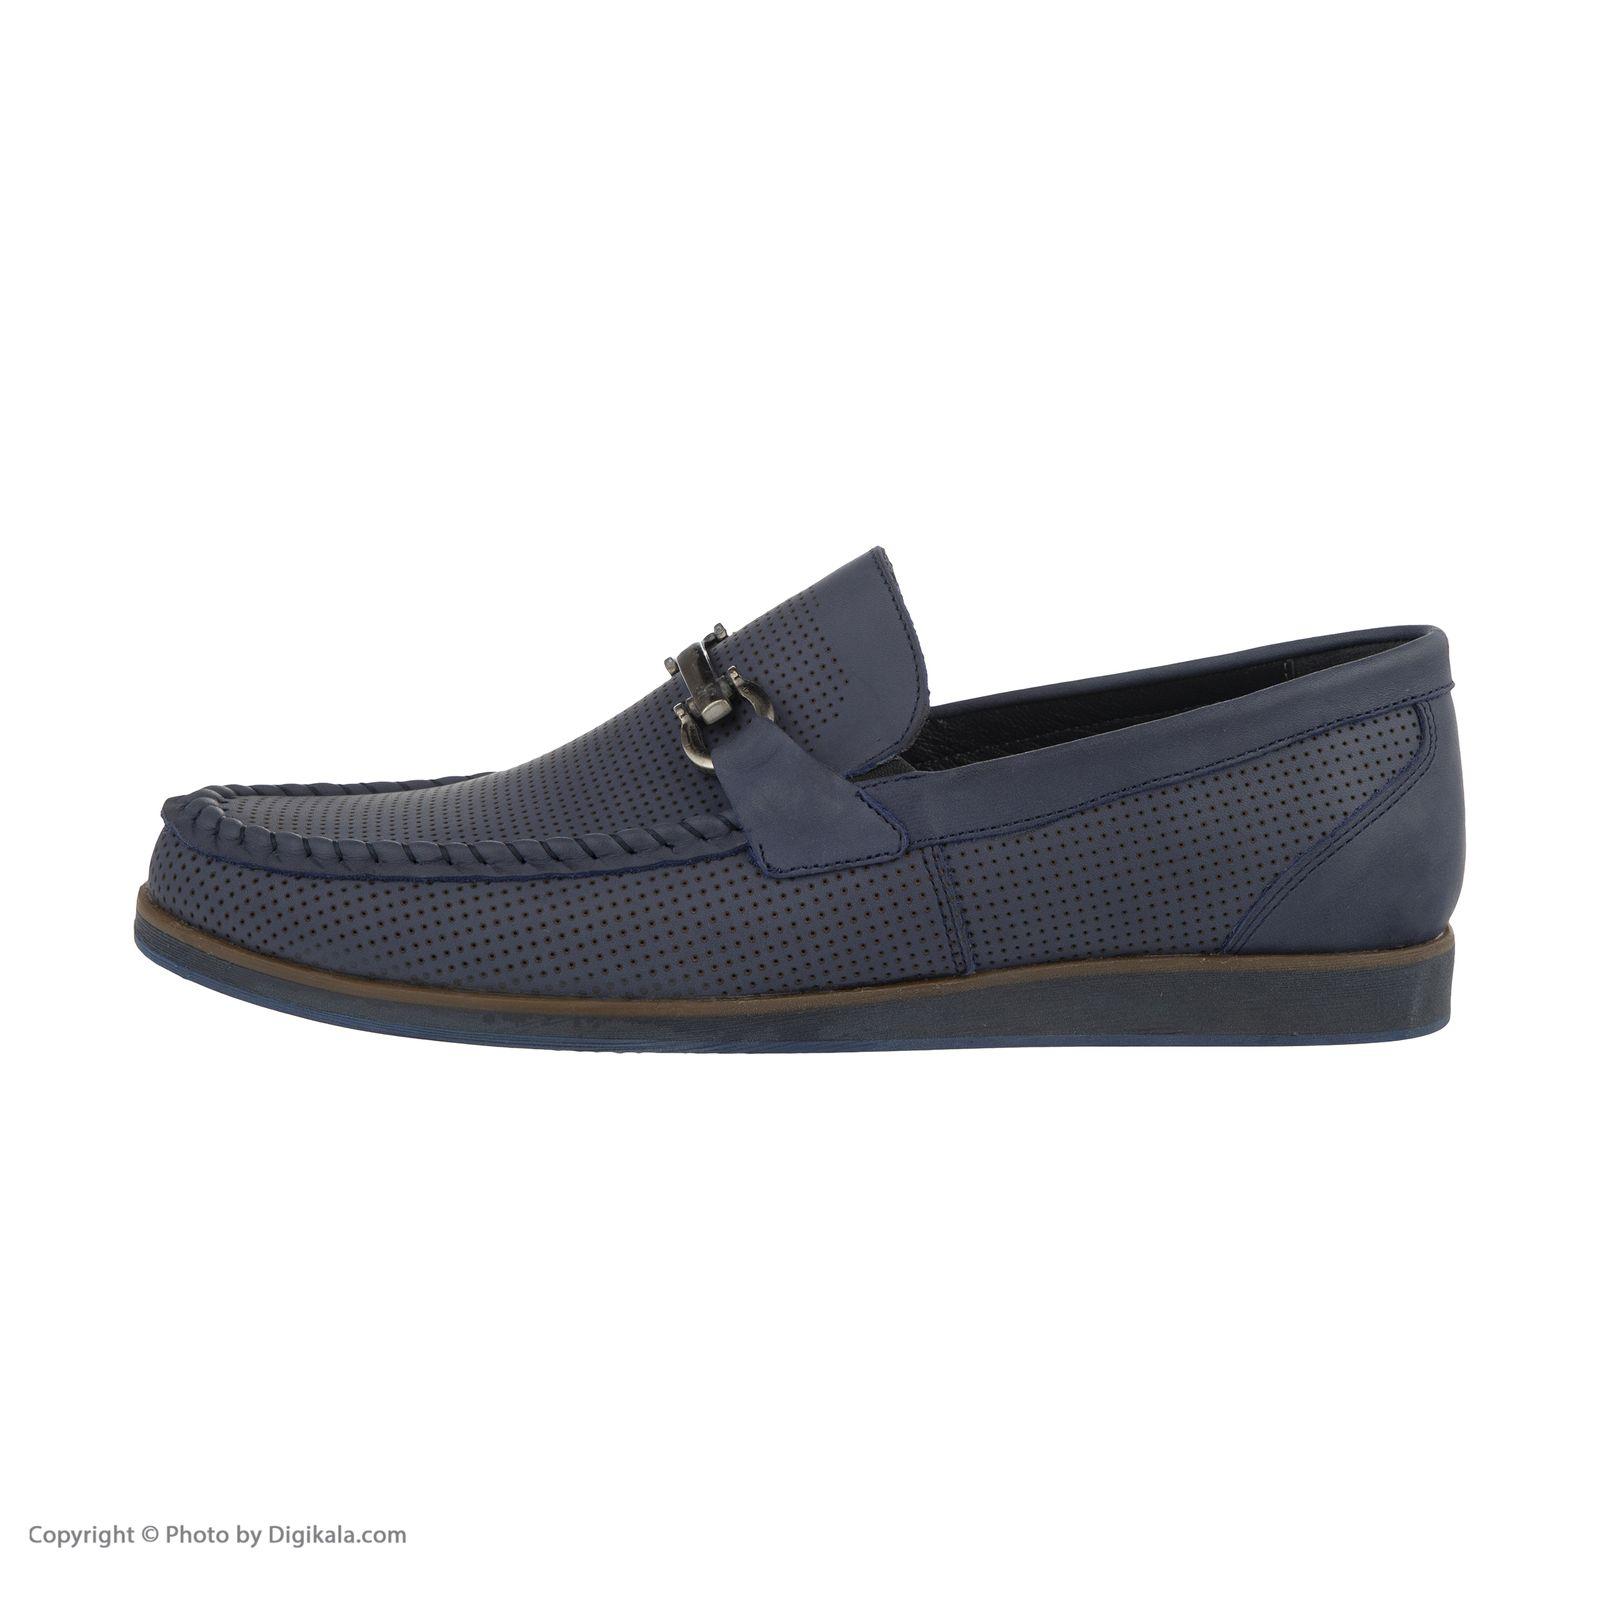 کفش روزمره مردانه سوته مدل 5014A503103 -  - 3